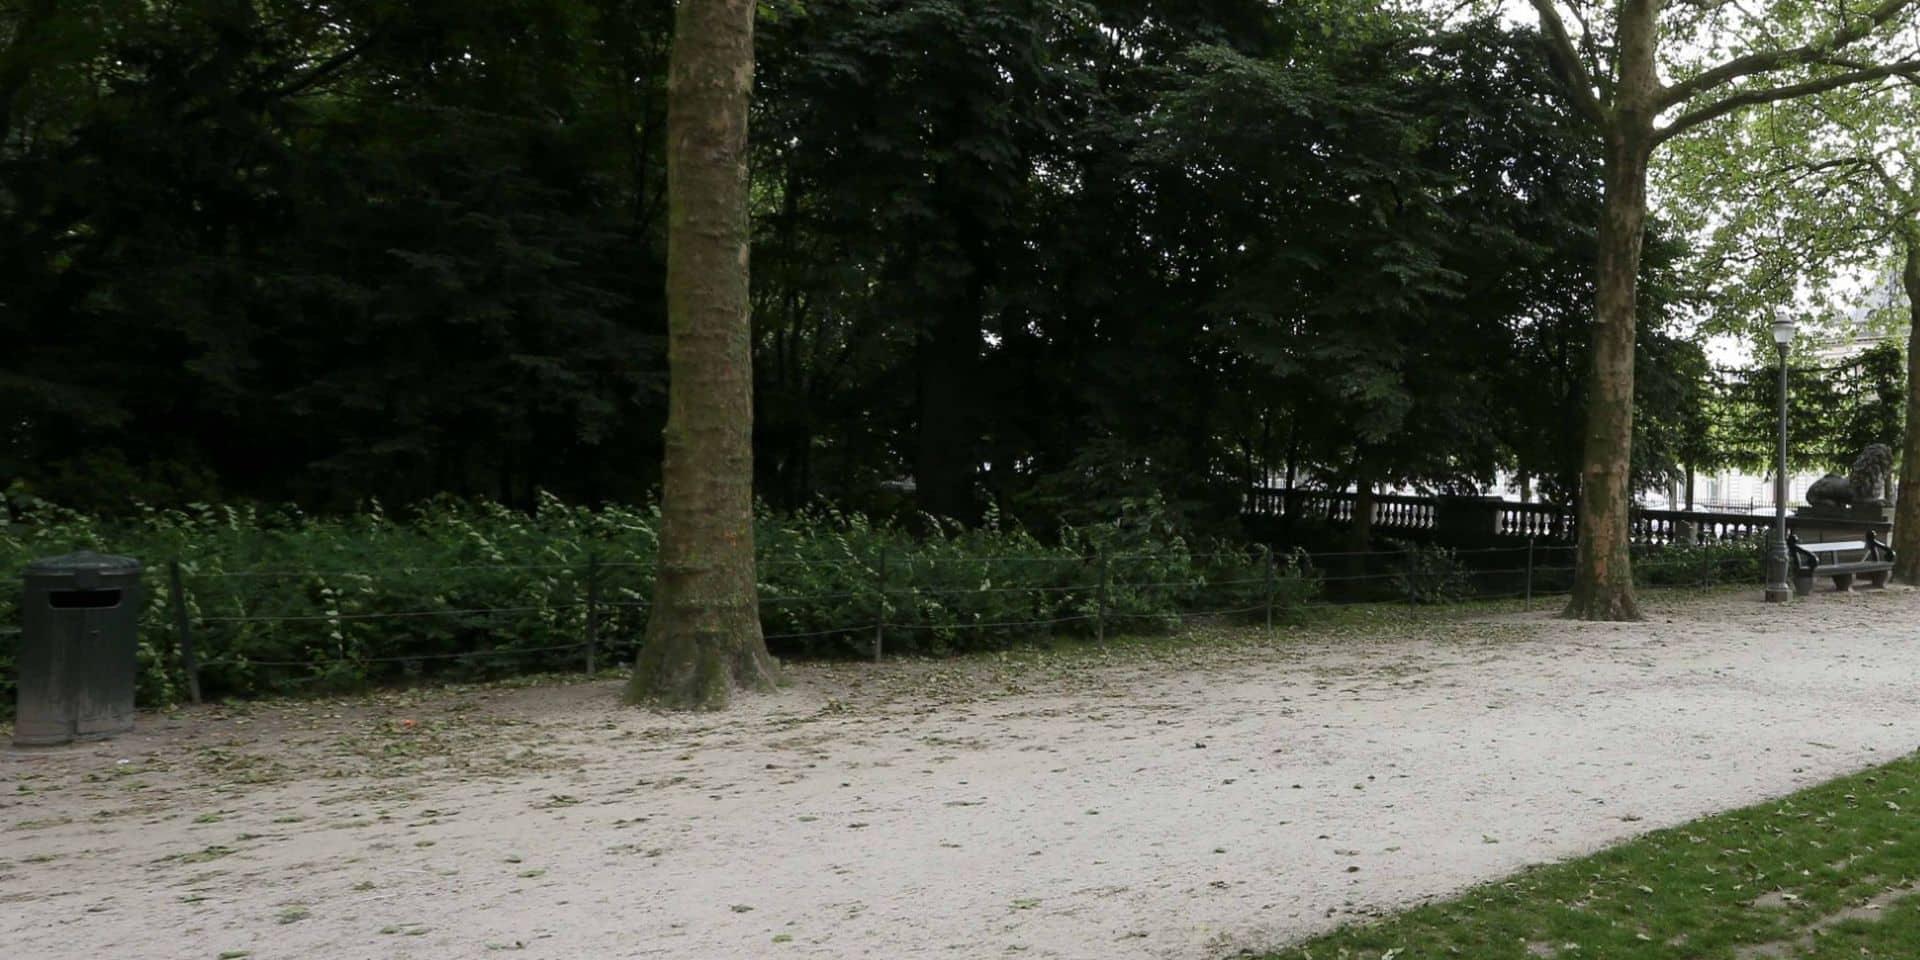 Un quinquagénaire allemand retrouvé mort dans le parc Royal de Bruxelles